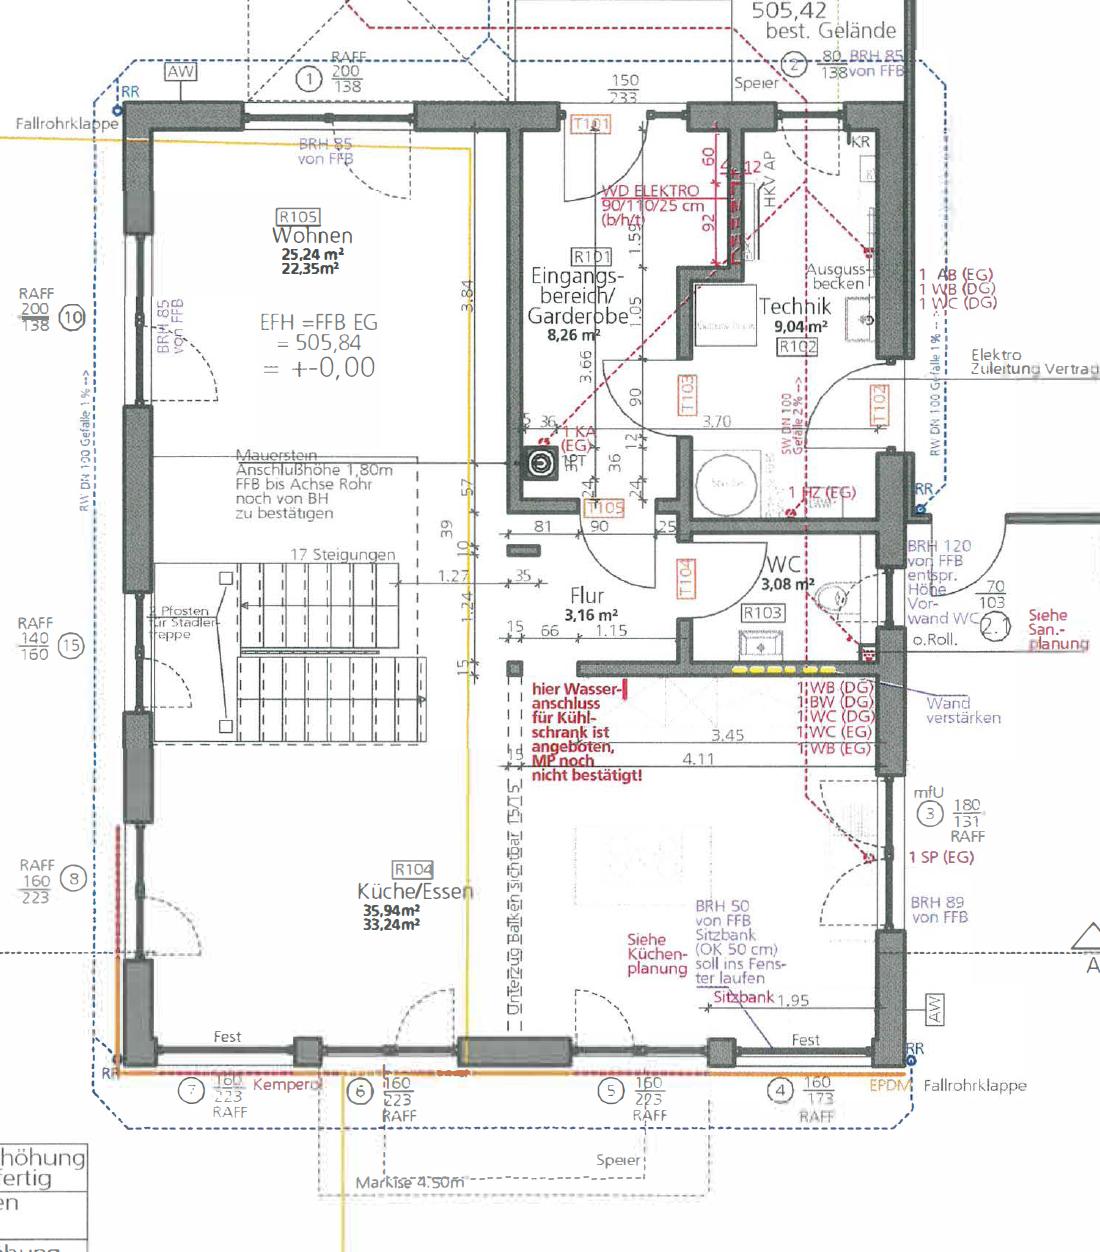 Kundenhaus U237 - Eine Nahaufnahme von einer Karte - Gebäudeplan